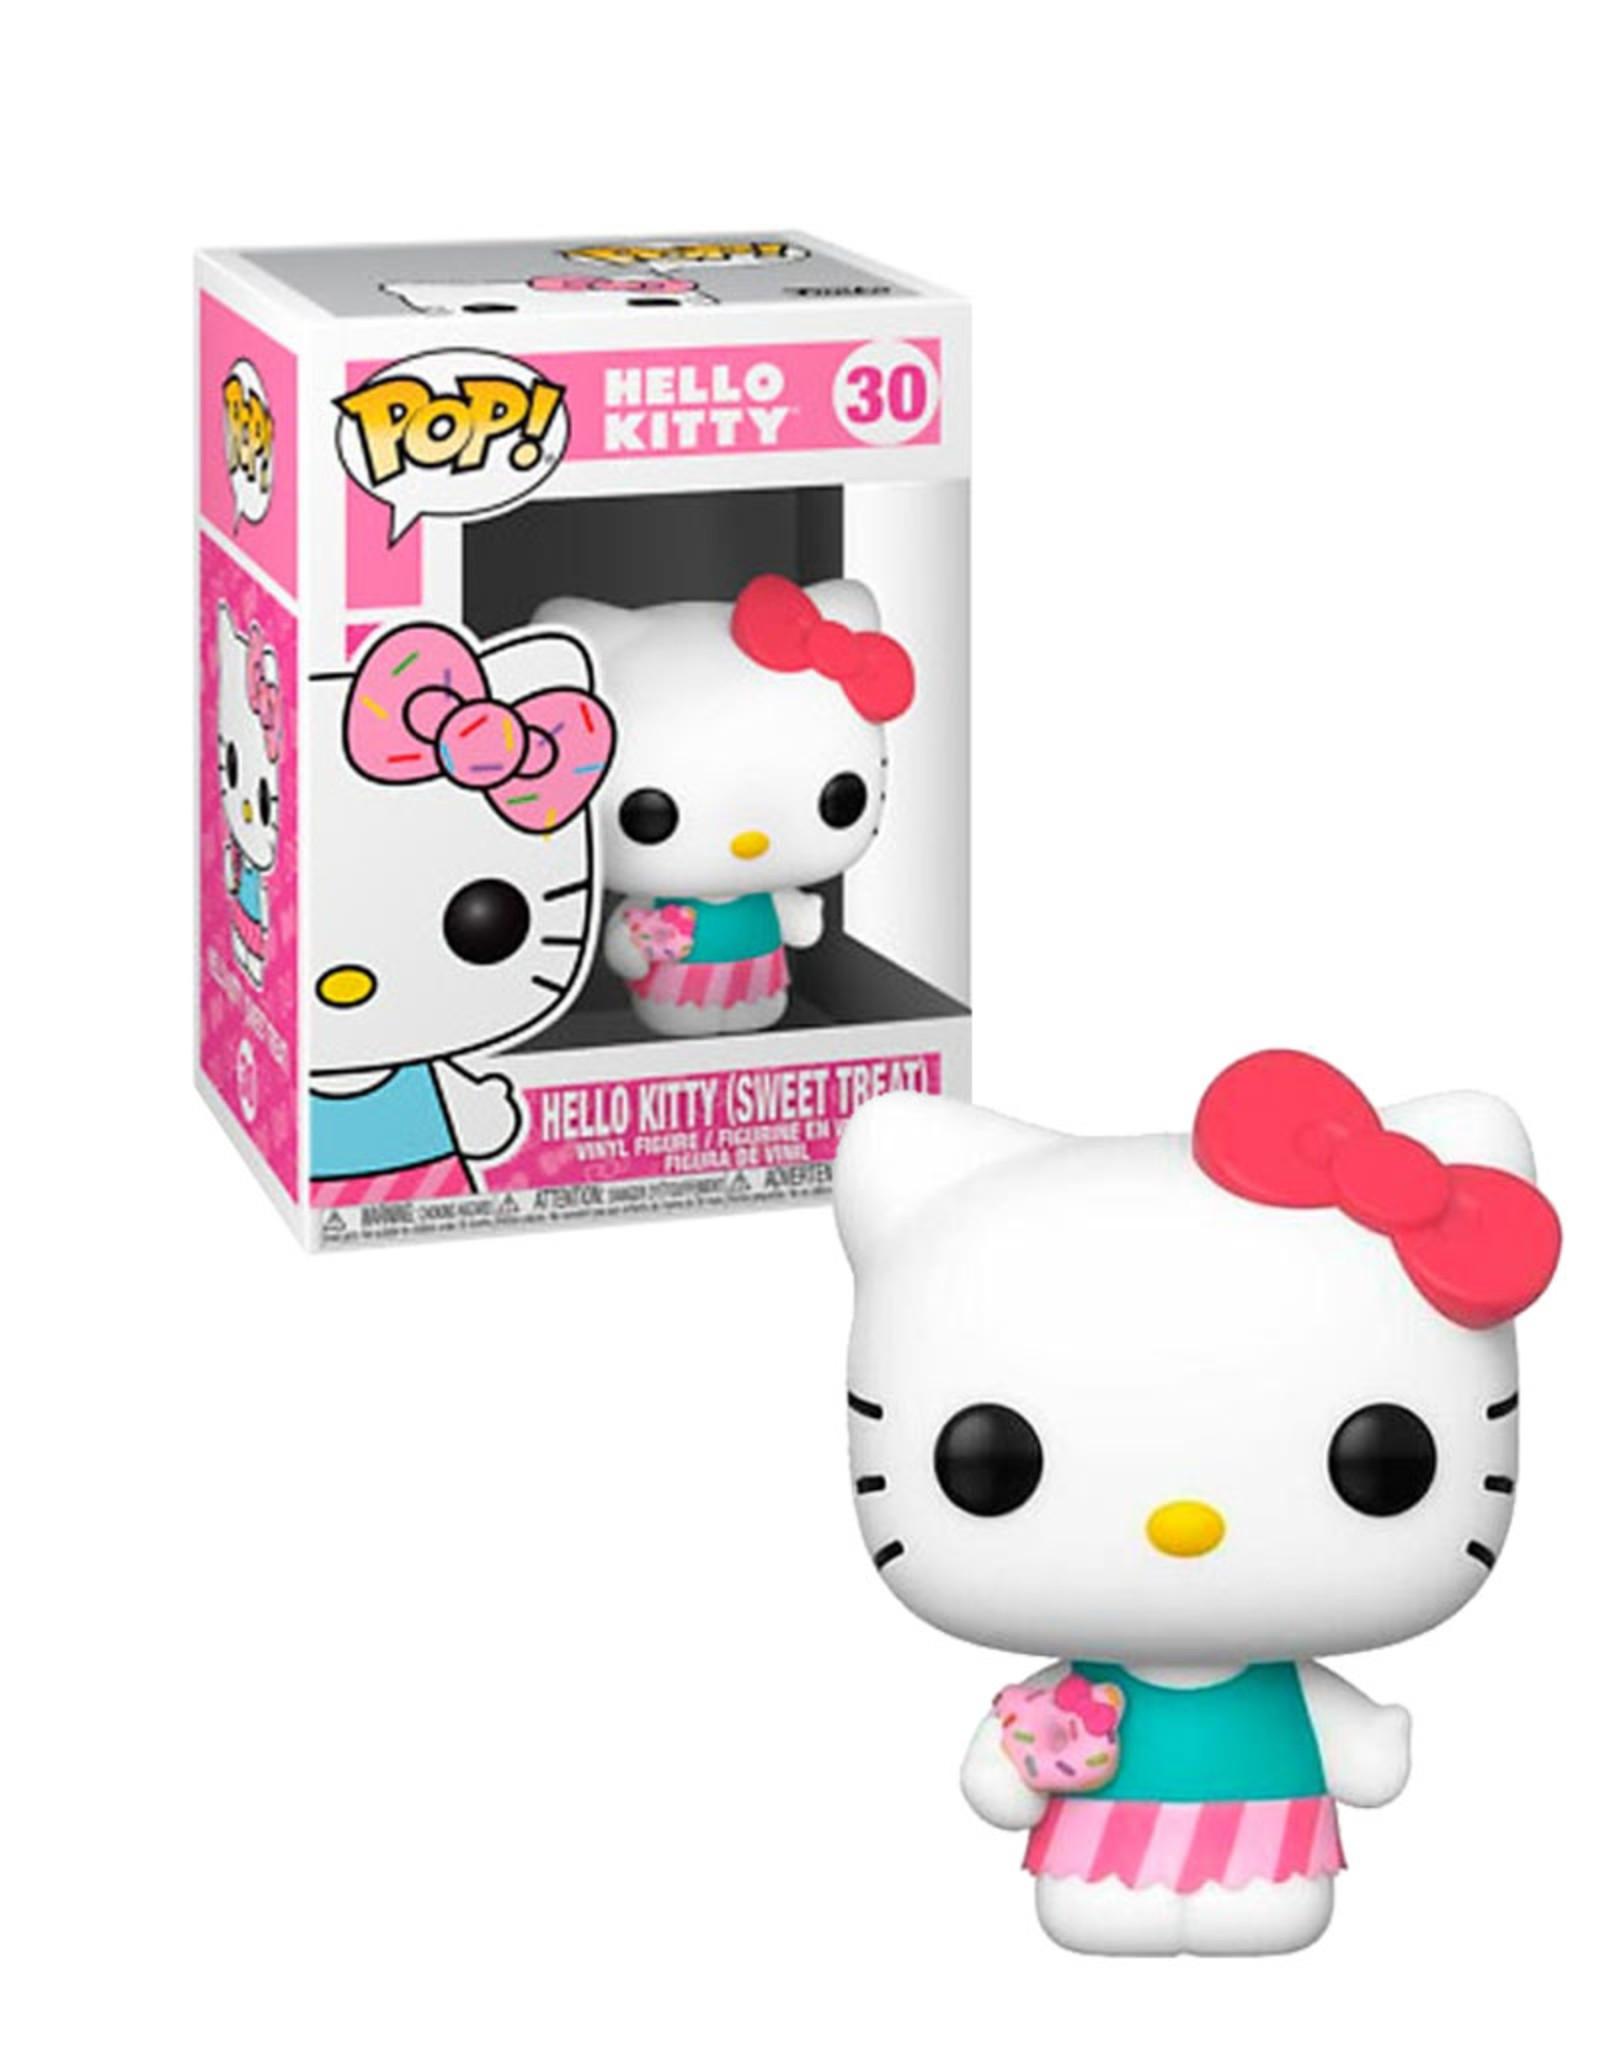 Hello Kitty 30 ( Funko Pop ) Sweet Treat